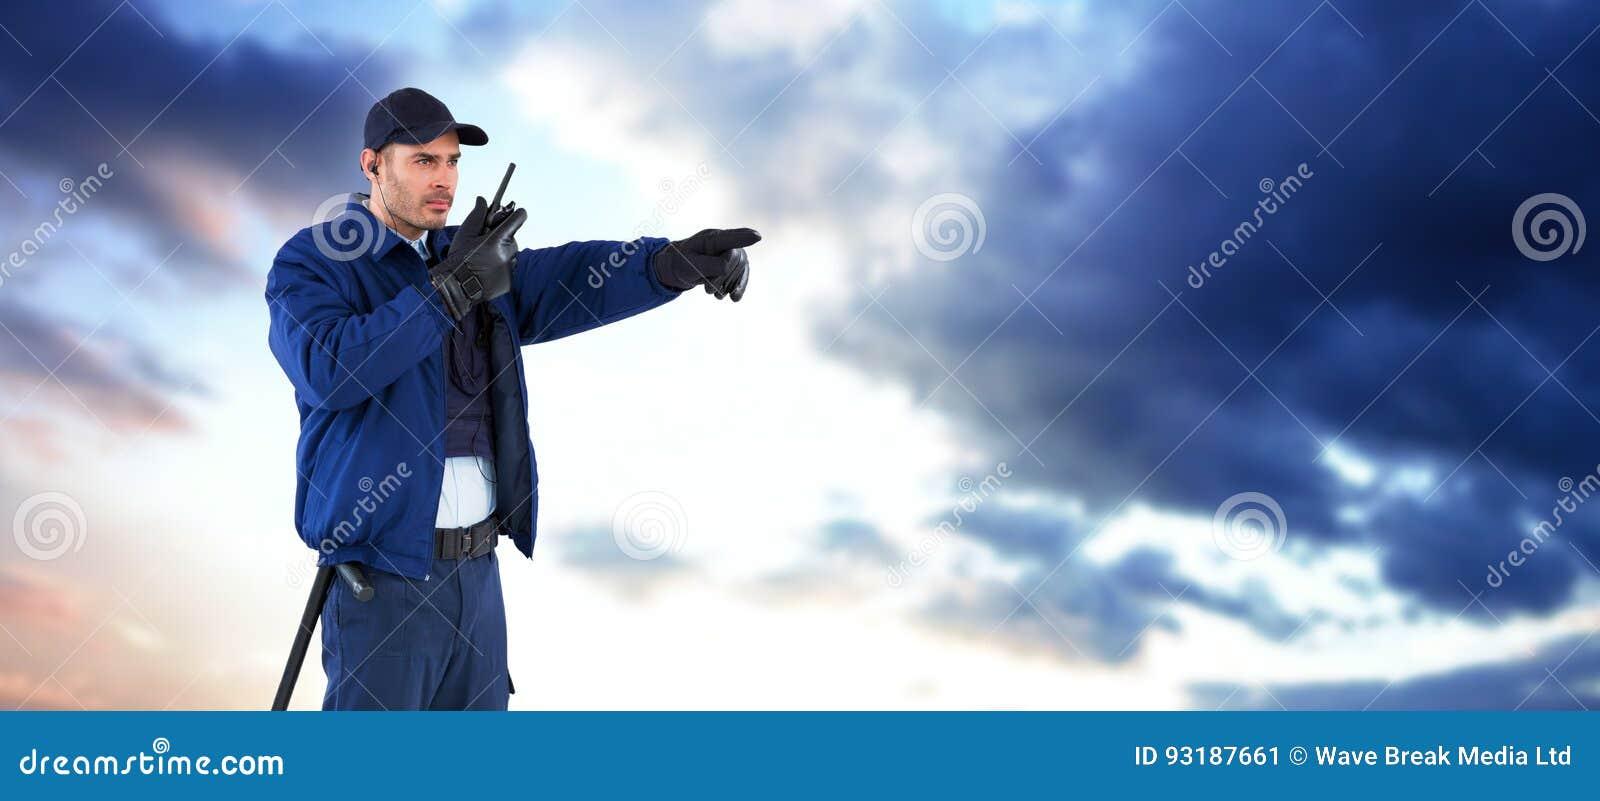 Immagine composita del funzionario di sicurezza che indica assente mentre parlando sul walkie-talkie